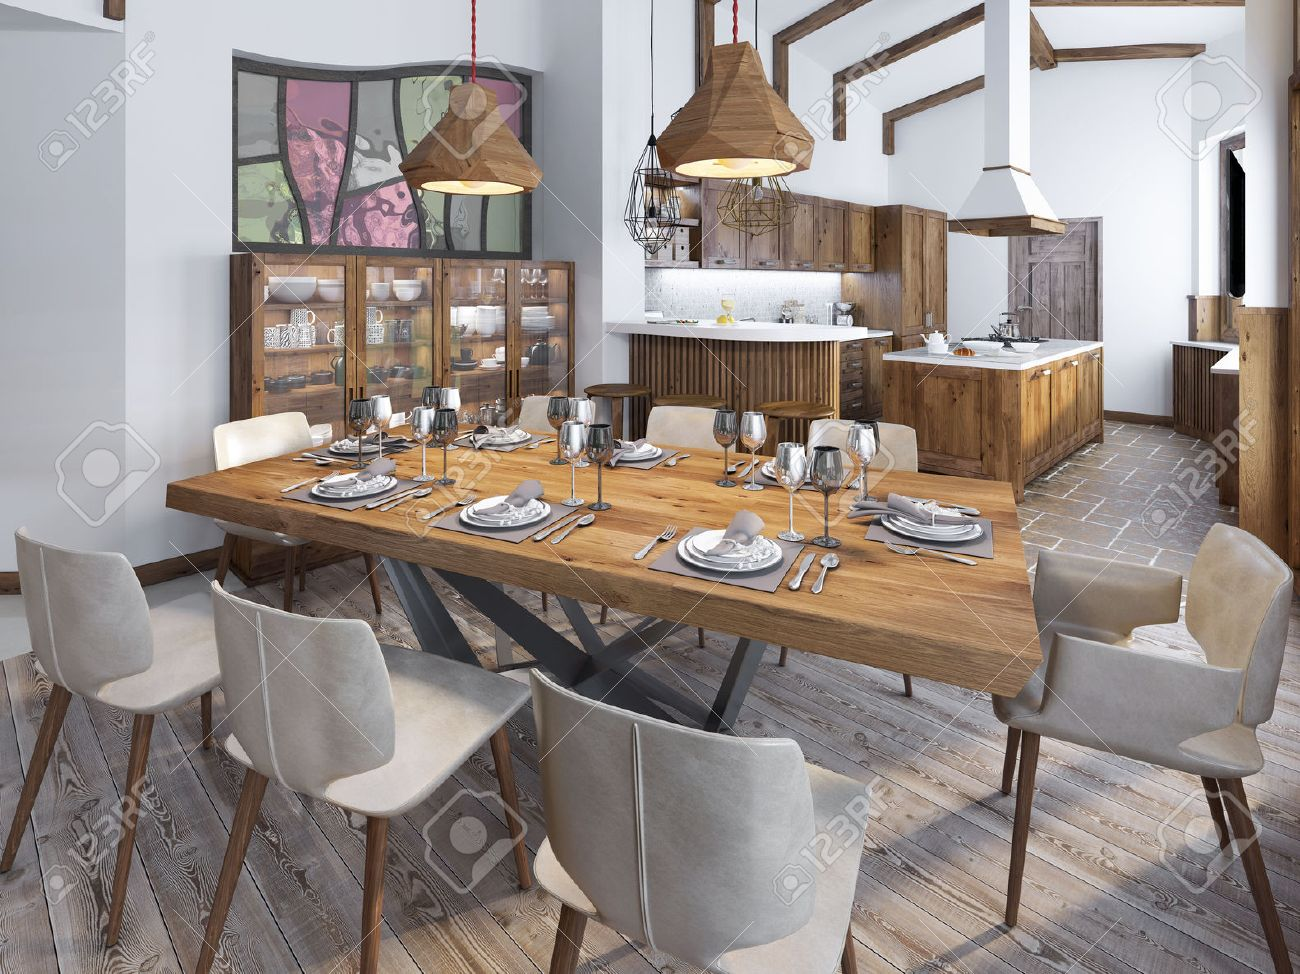 Moderne Küche Und Esszimmer Auf Dem Dachboden. Küchenmöbel Aus Massivholz.  Hohe Decken Mit Sichtbaren